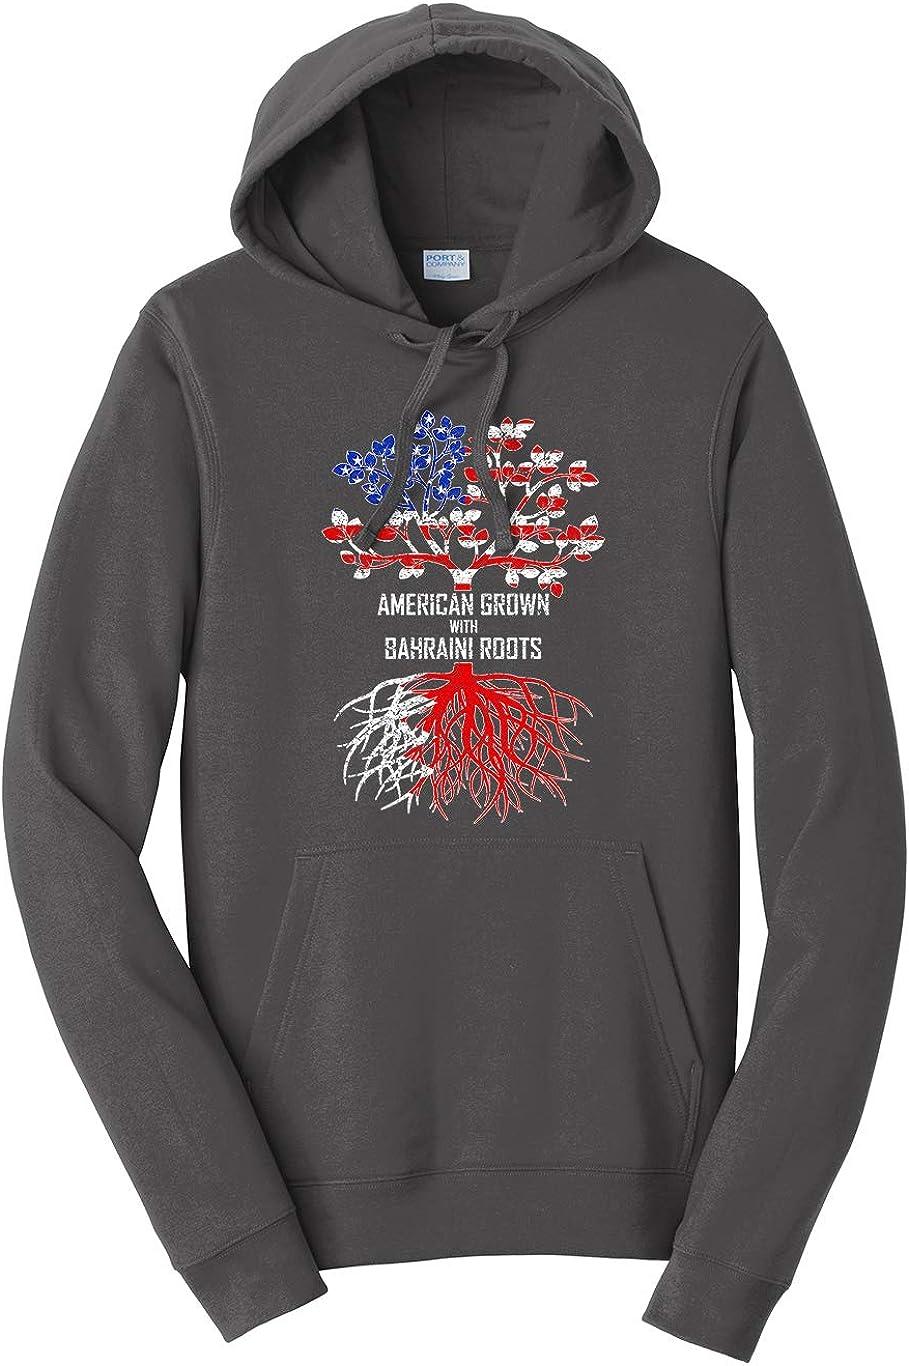 Tenacitee Mens American Grown with Bahraini Roots Hooded Sweatshirt